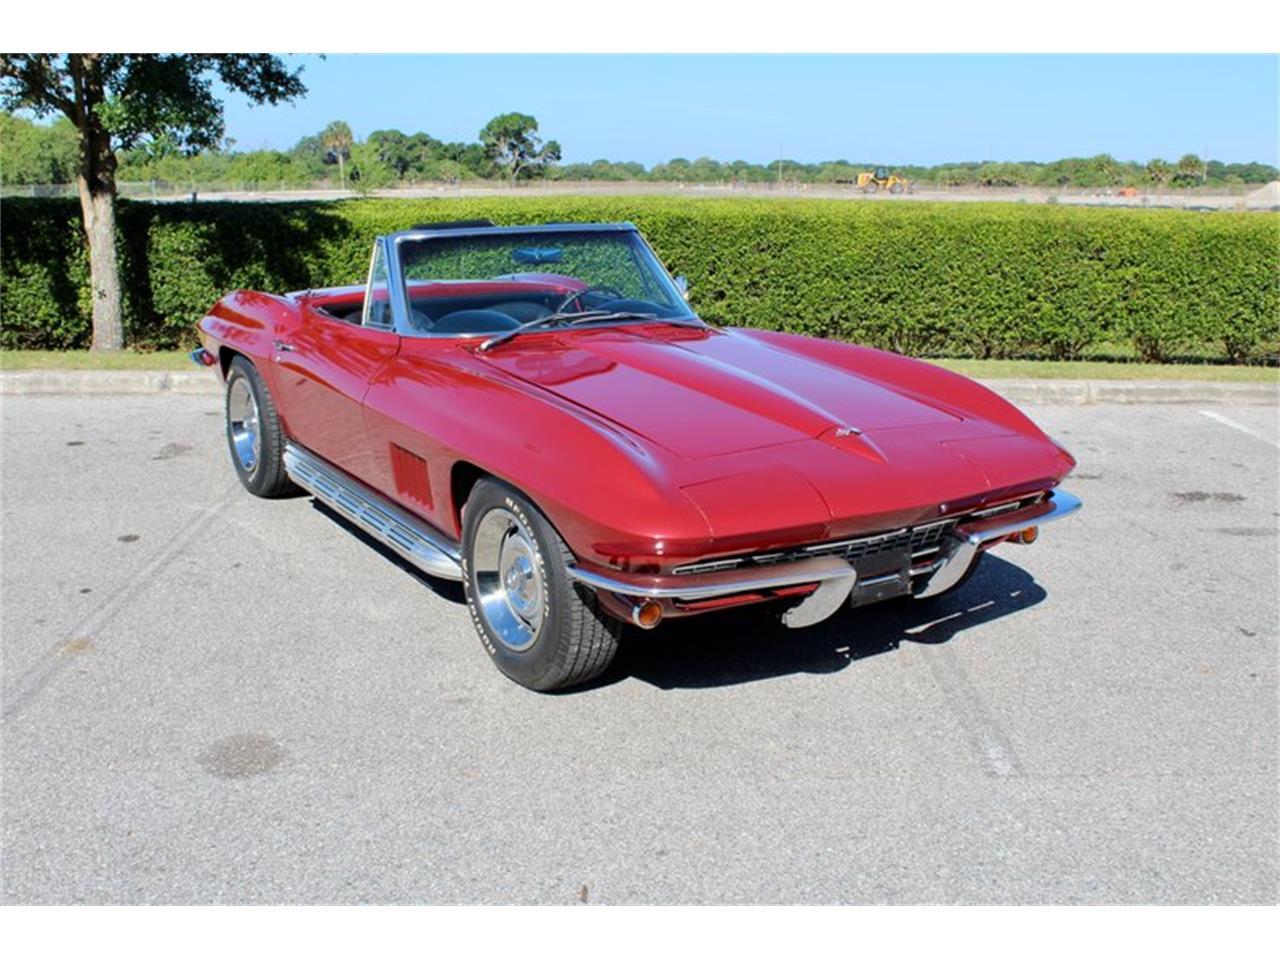 1967 Chevrolet Corvette Stingray (CC-1207641) for sale in Sarasota, Florida